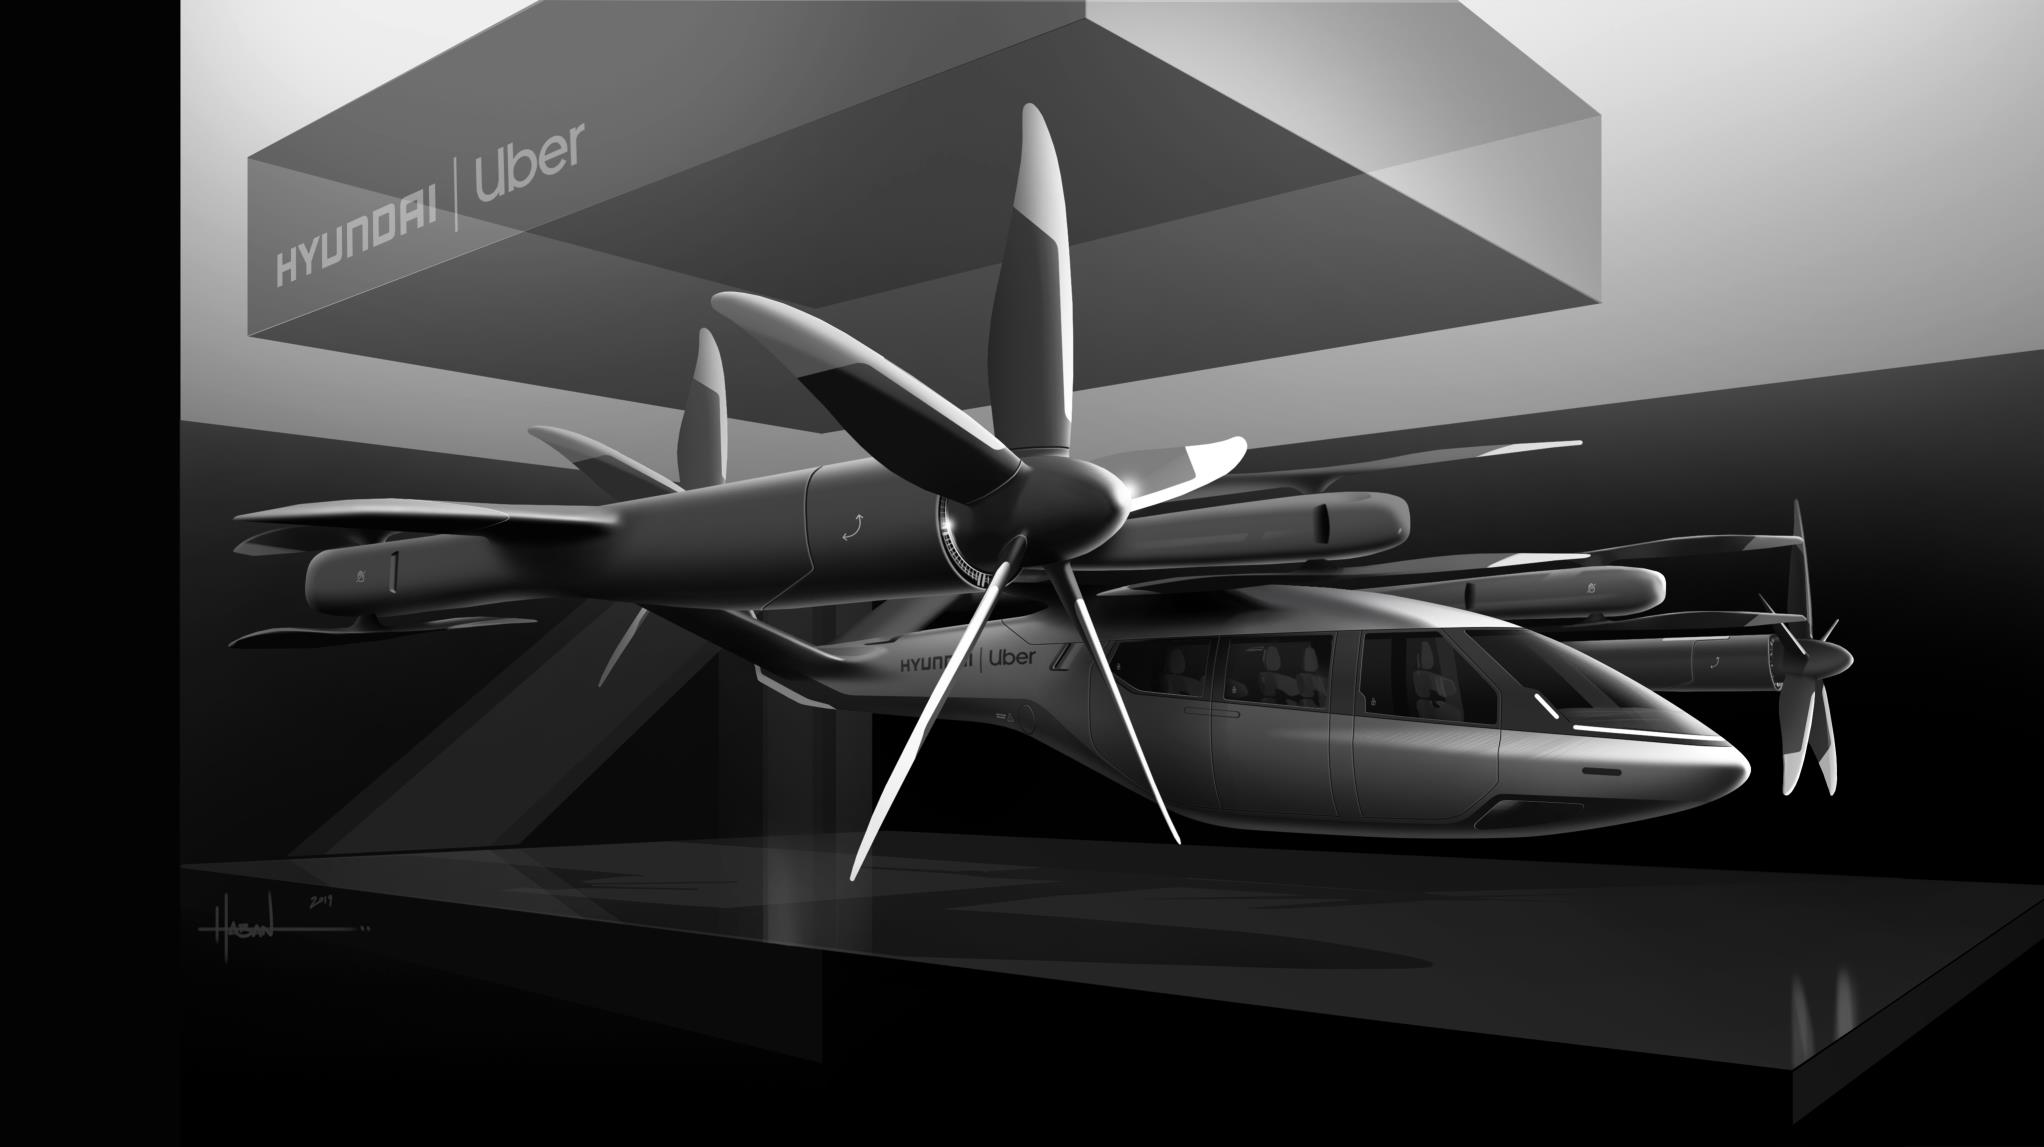 Projeção mostra o drone Hyundai Urban Air Mobility em uma plataforma de pouso em parceria com a Uber